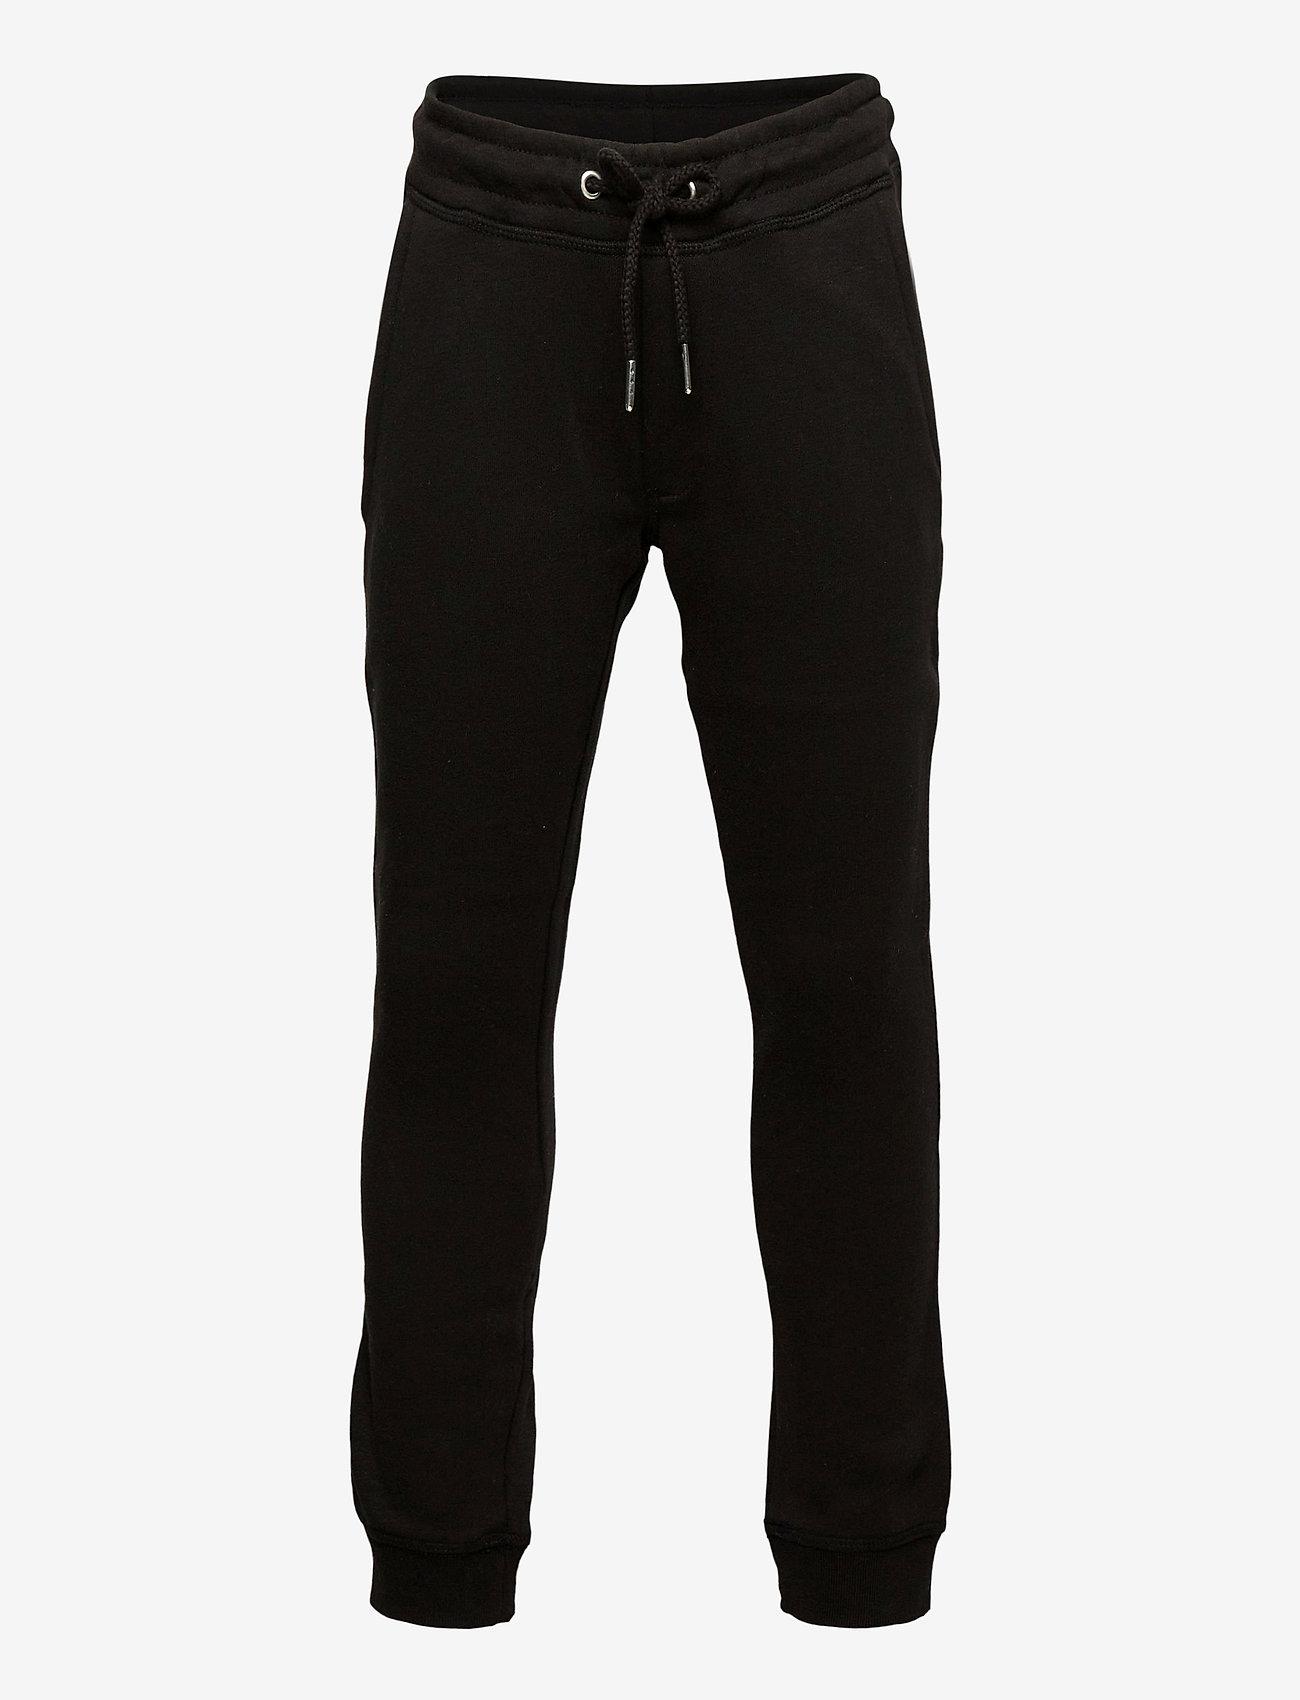 Jack & Jones - JJIGORDON JJSOFT SWEAT PANTS VG NOOS JR - verryttelyhousut - black - 0